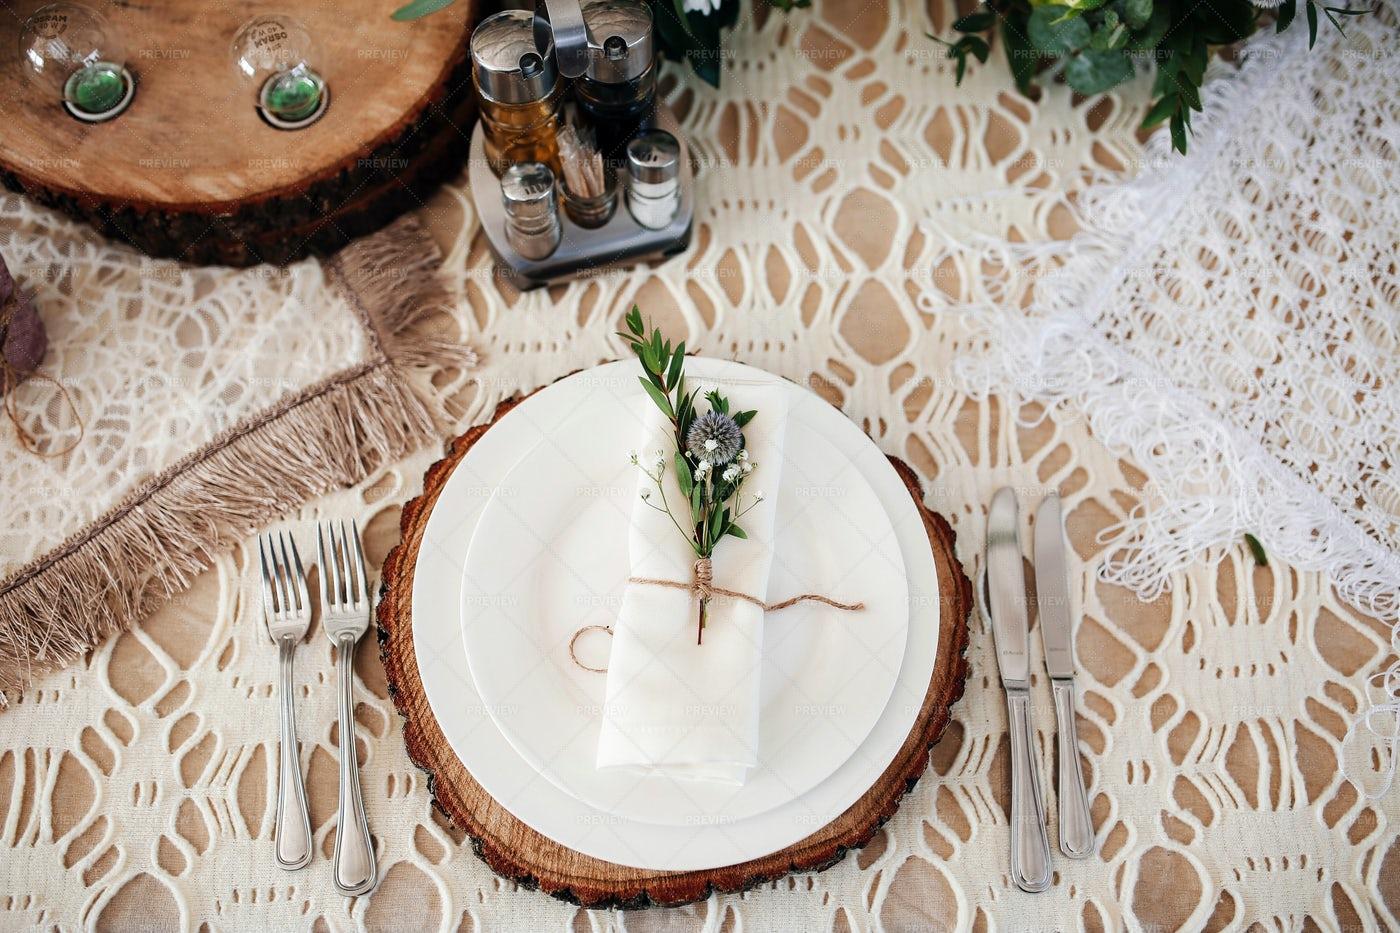 A White Table Setting: Stock Photos